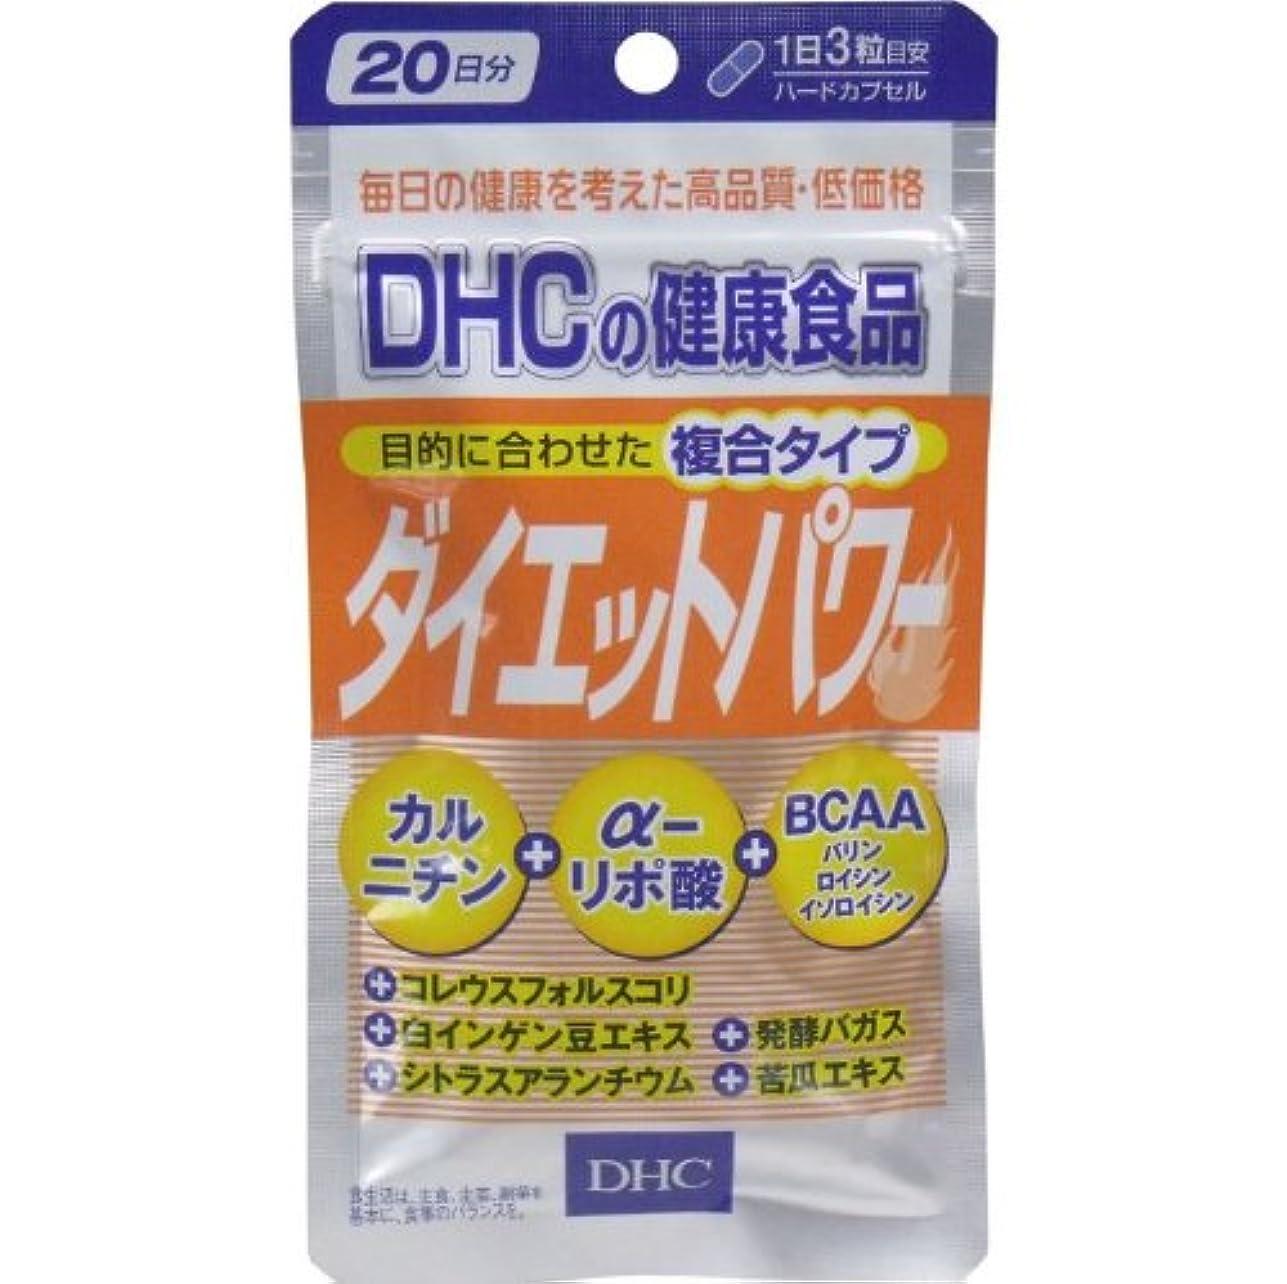 静脈確立音楽DHC ダイエットパワー 60粒入 20日分「5点セット」